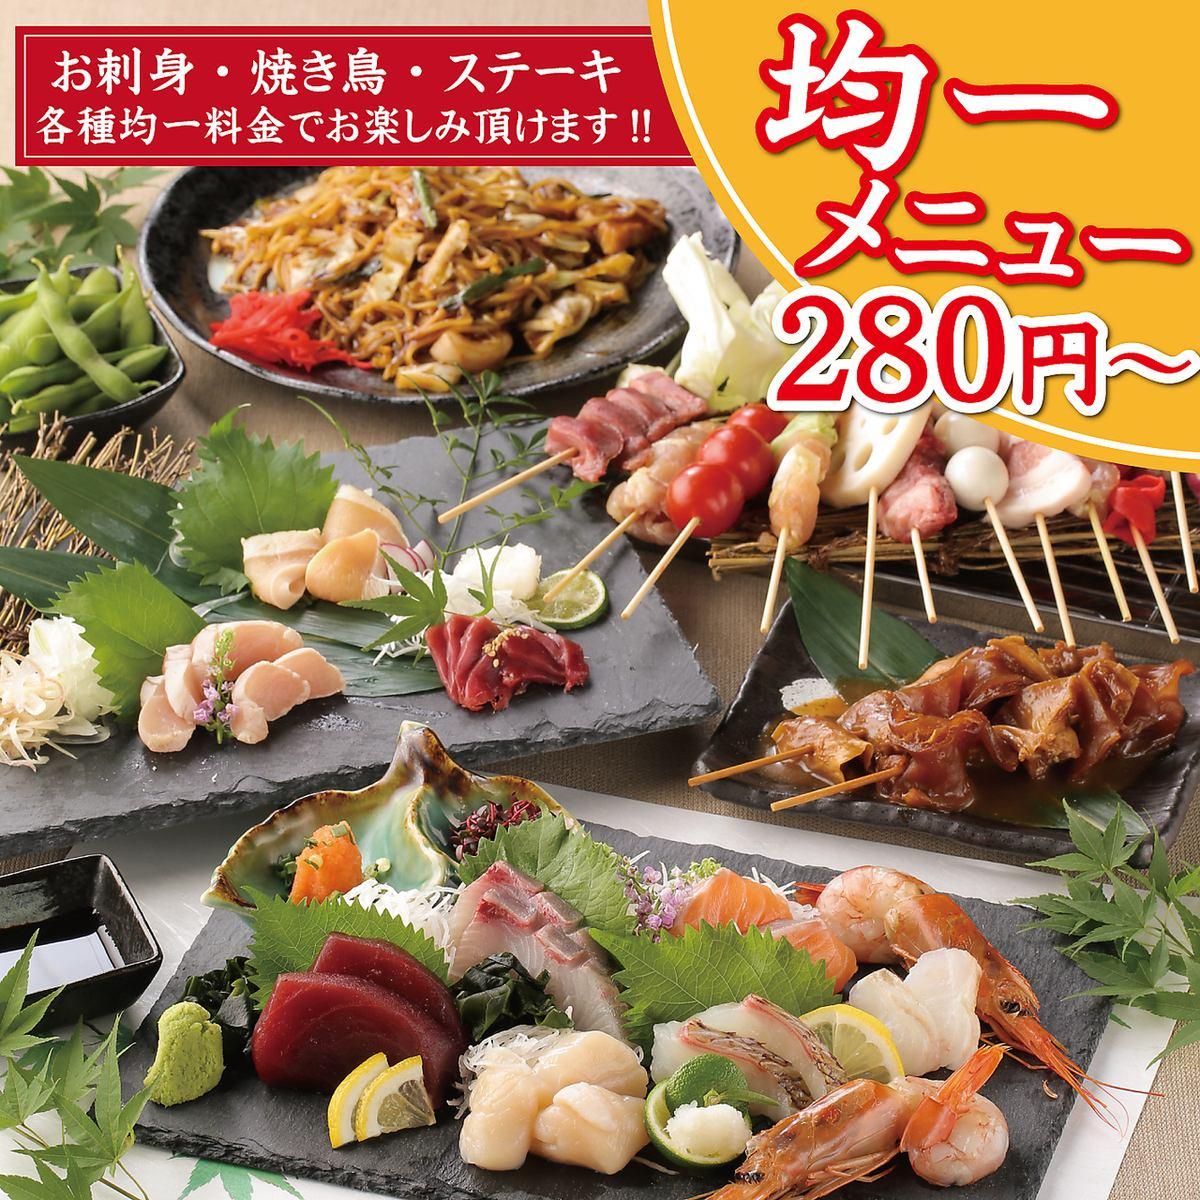 從居酒屋菜單到承諾的寶石,以均勻的價格提供♪280日元〜